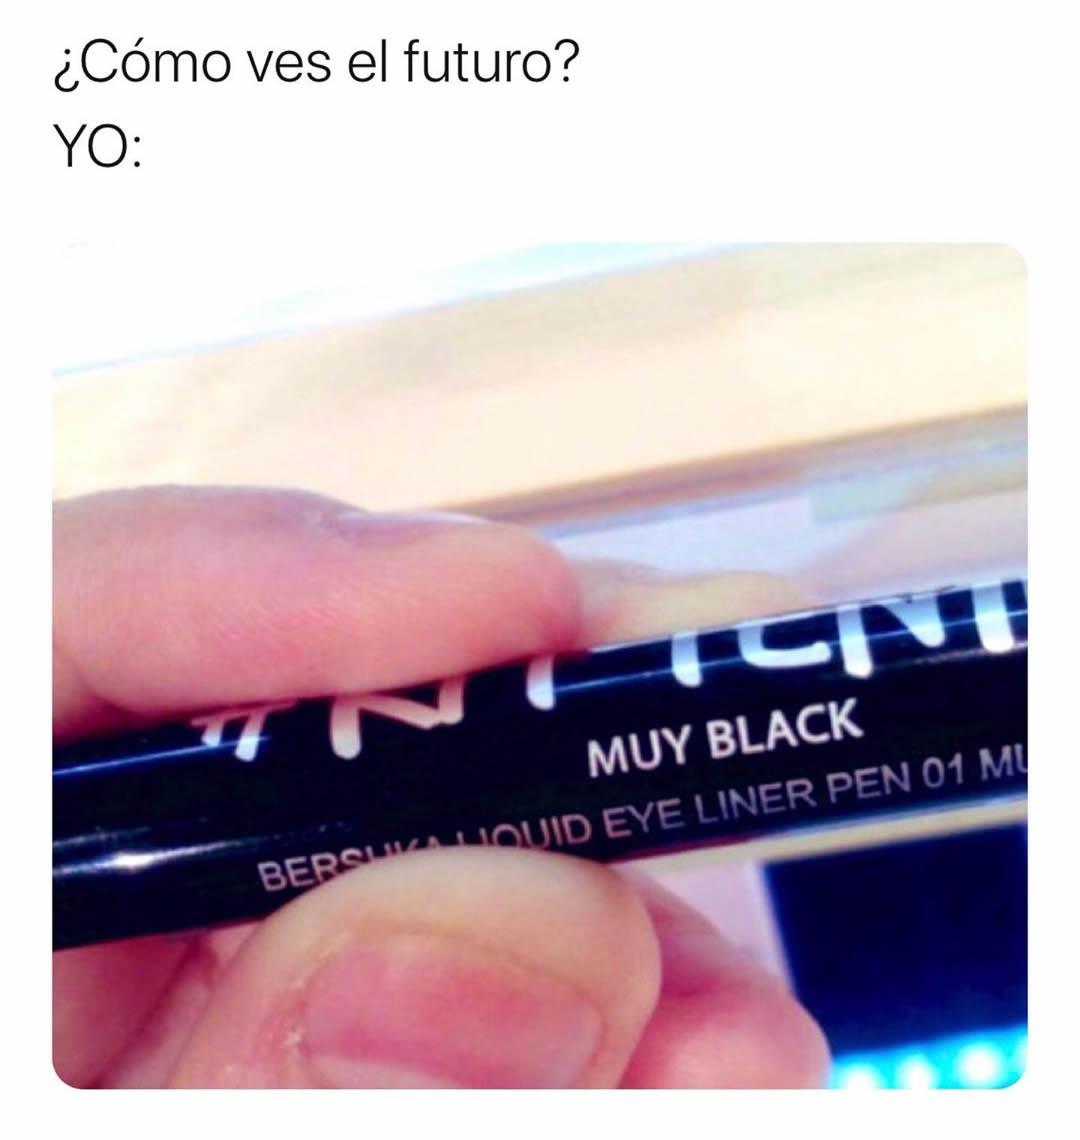 ¿Como ves el futuro?  Yo: Muy black.